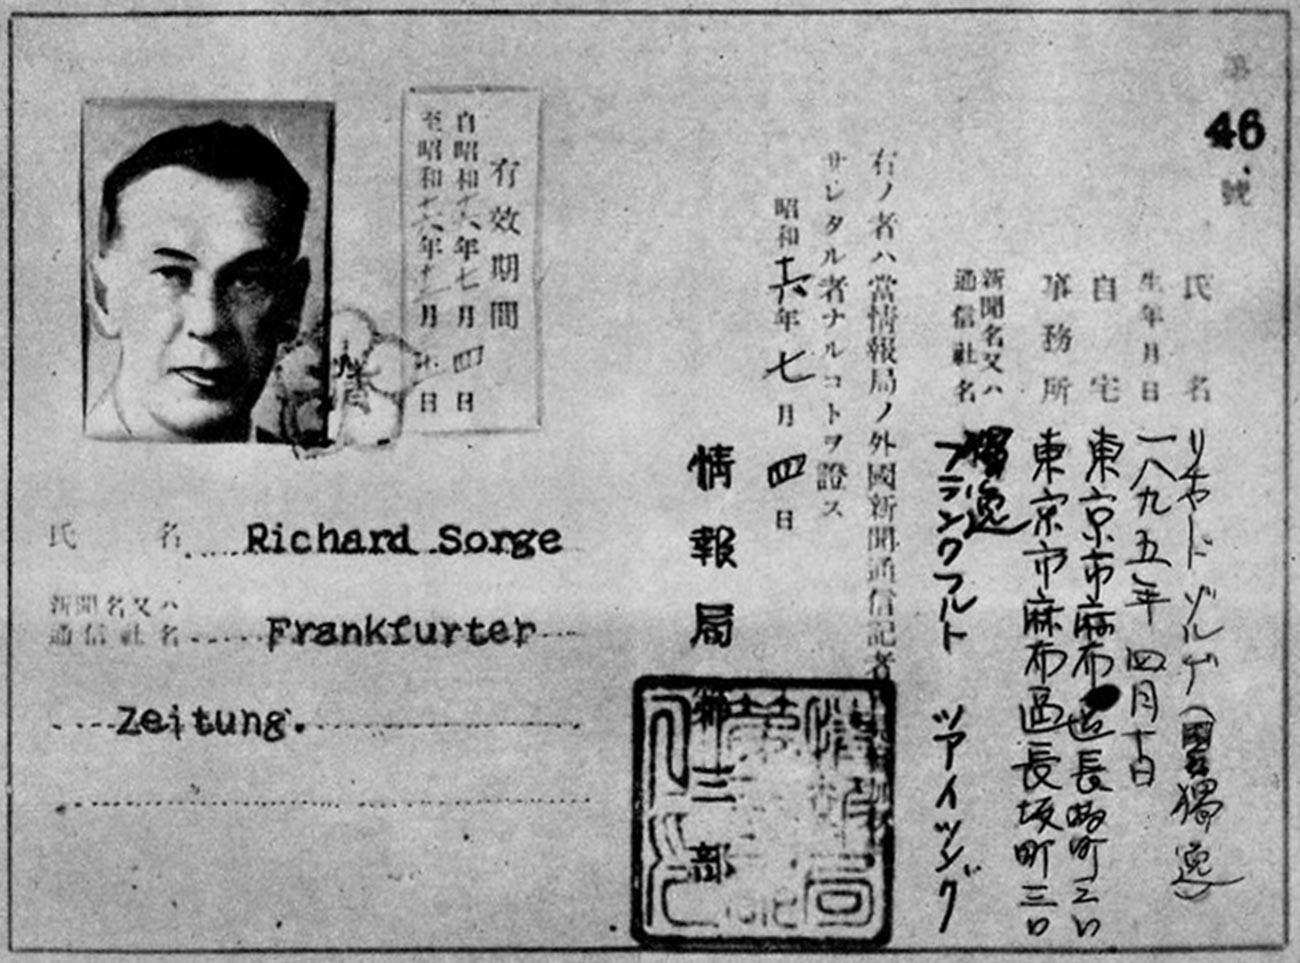 Удостоверение пресс-секретаря посольства Германии в Японии Зорге.